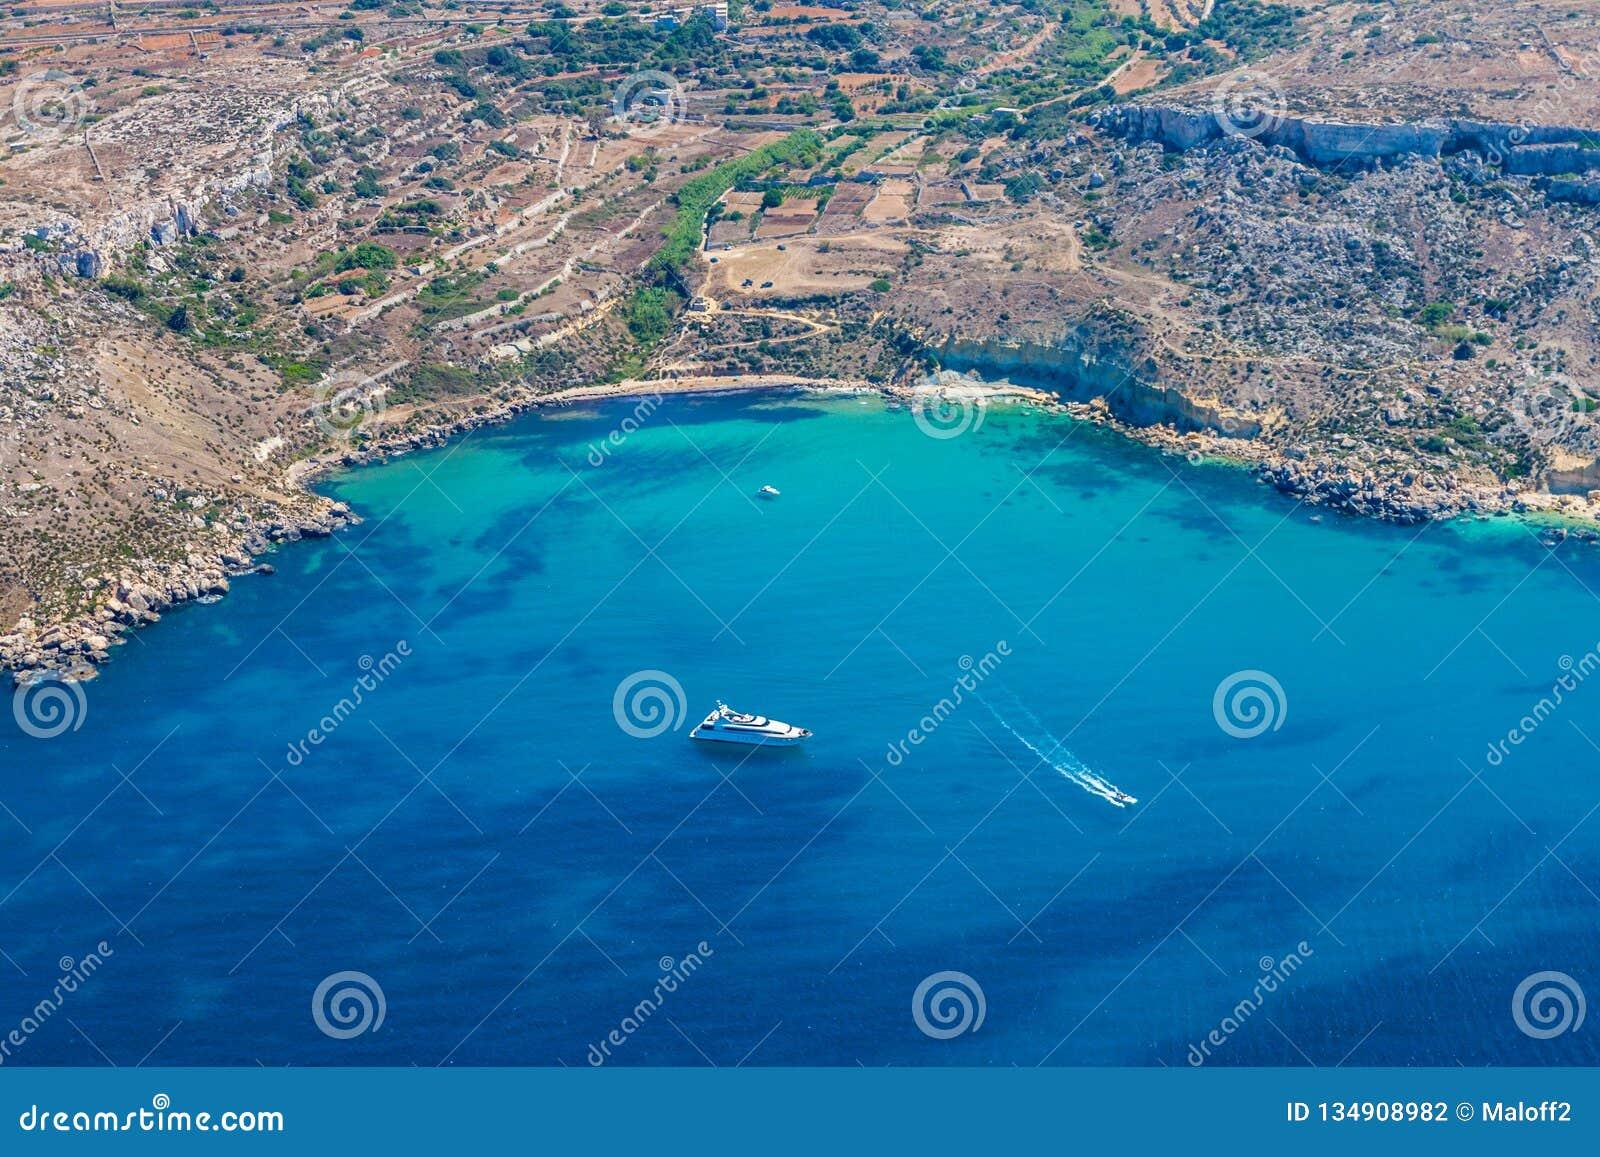 Bahía de Mgiebah, ensenada aislada accesible por una trayectoria escarpada, rocosa, con una playa arenosa y un agua de azules tur